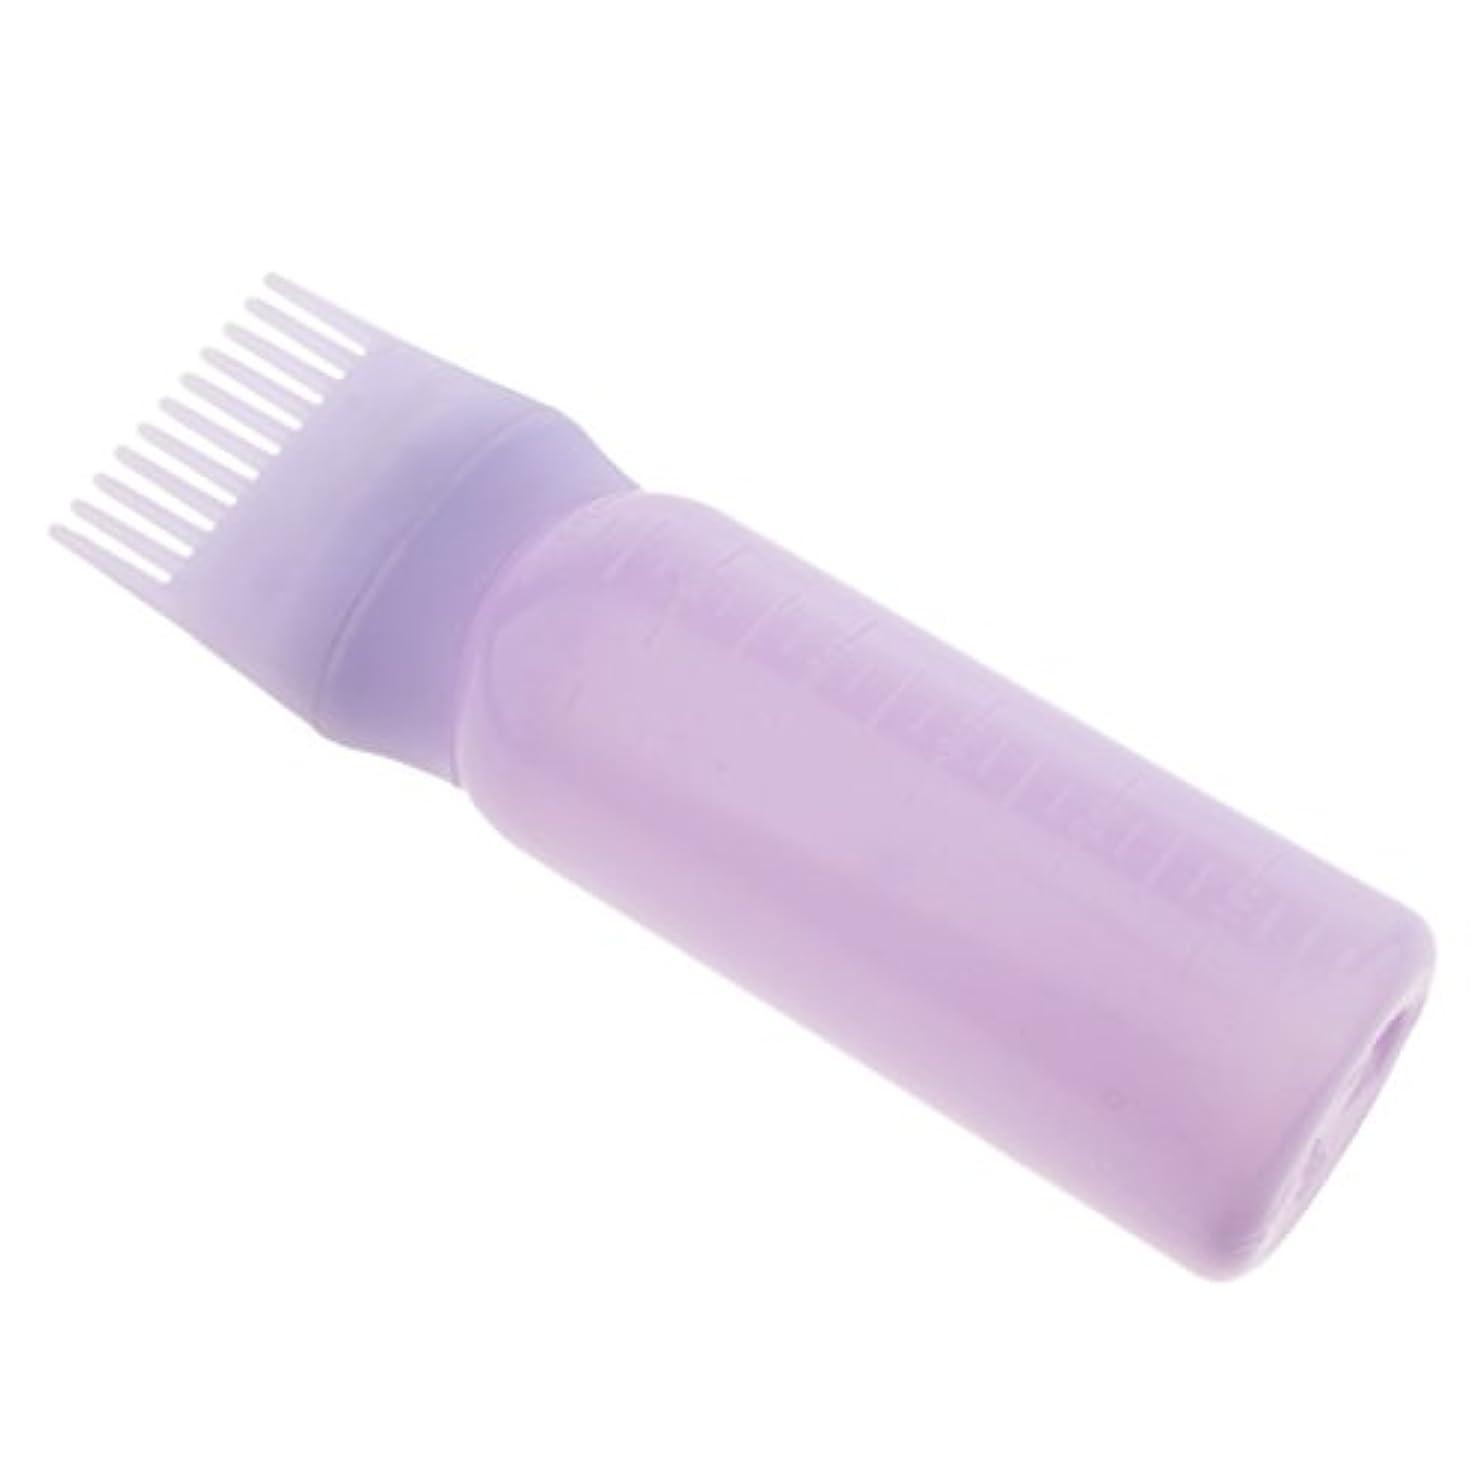 Perfeclan ヘアダイ ヘアカラー ボトル コーム ディスペンサー ブラシ付き 2タイプ選べる - 紫